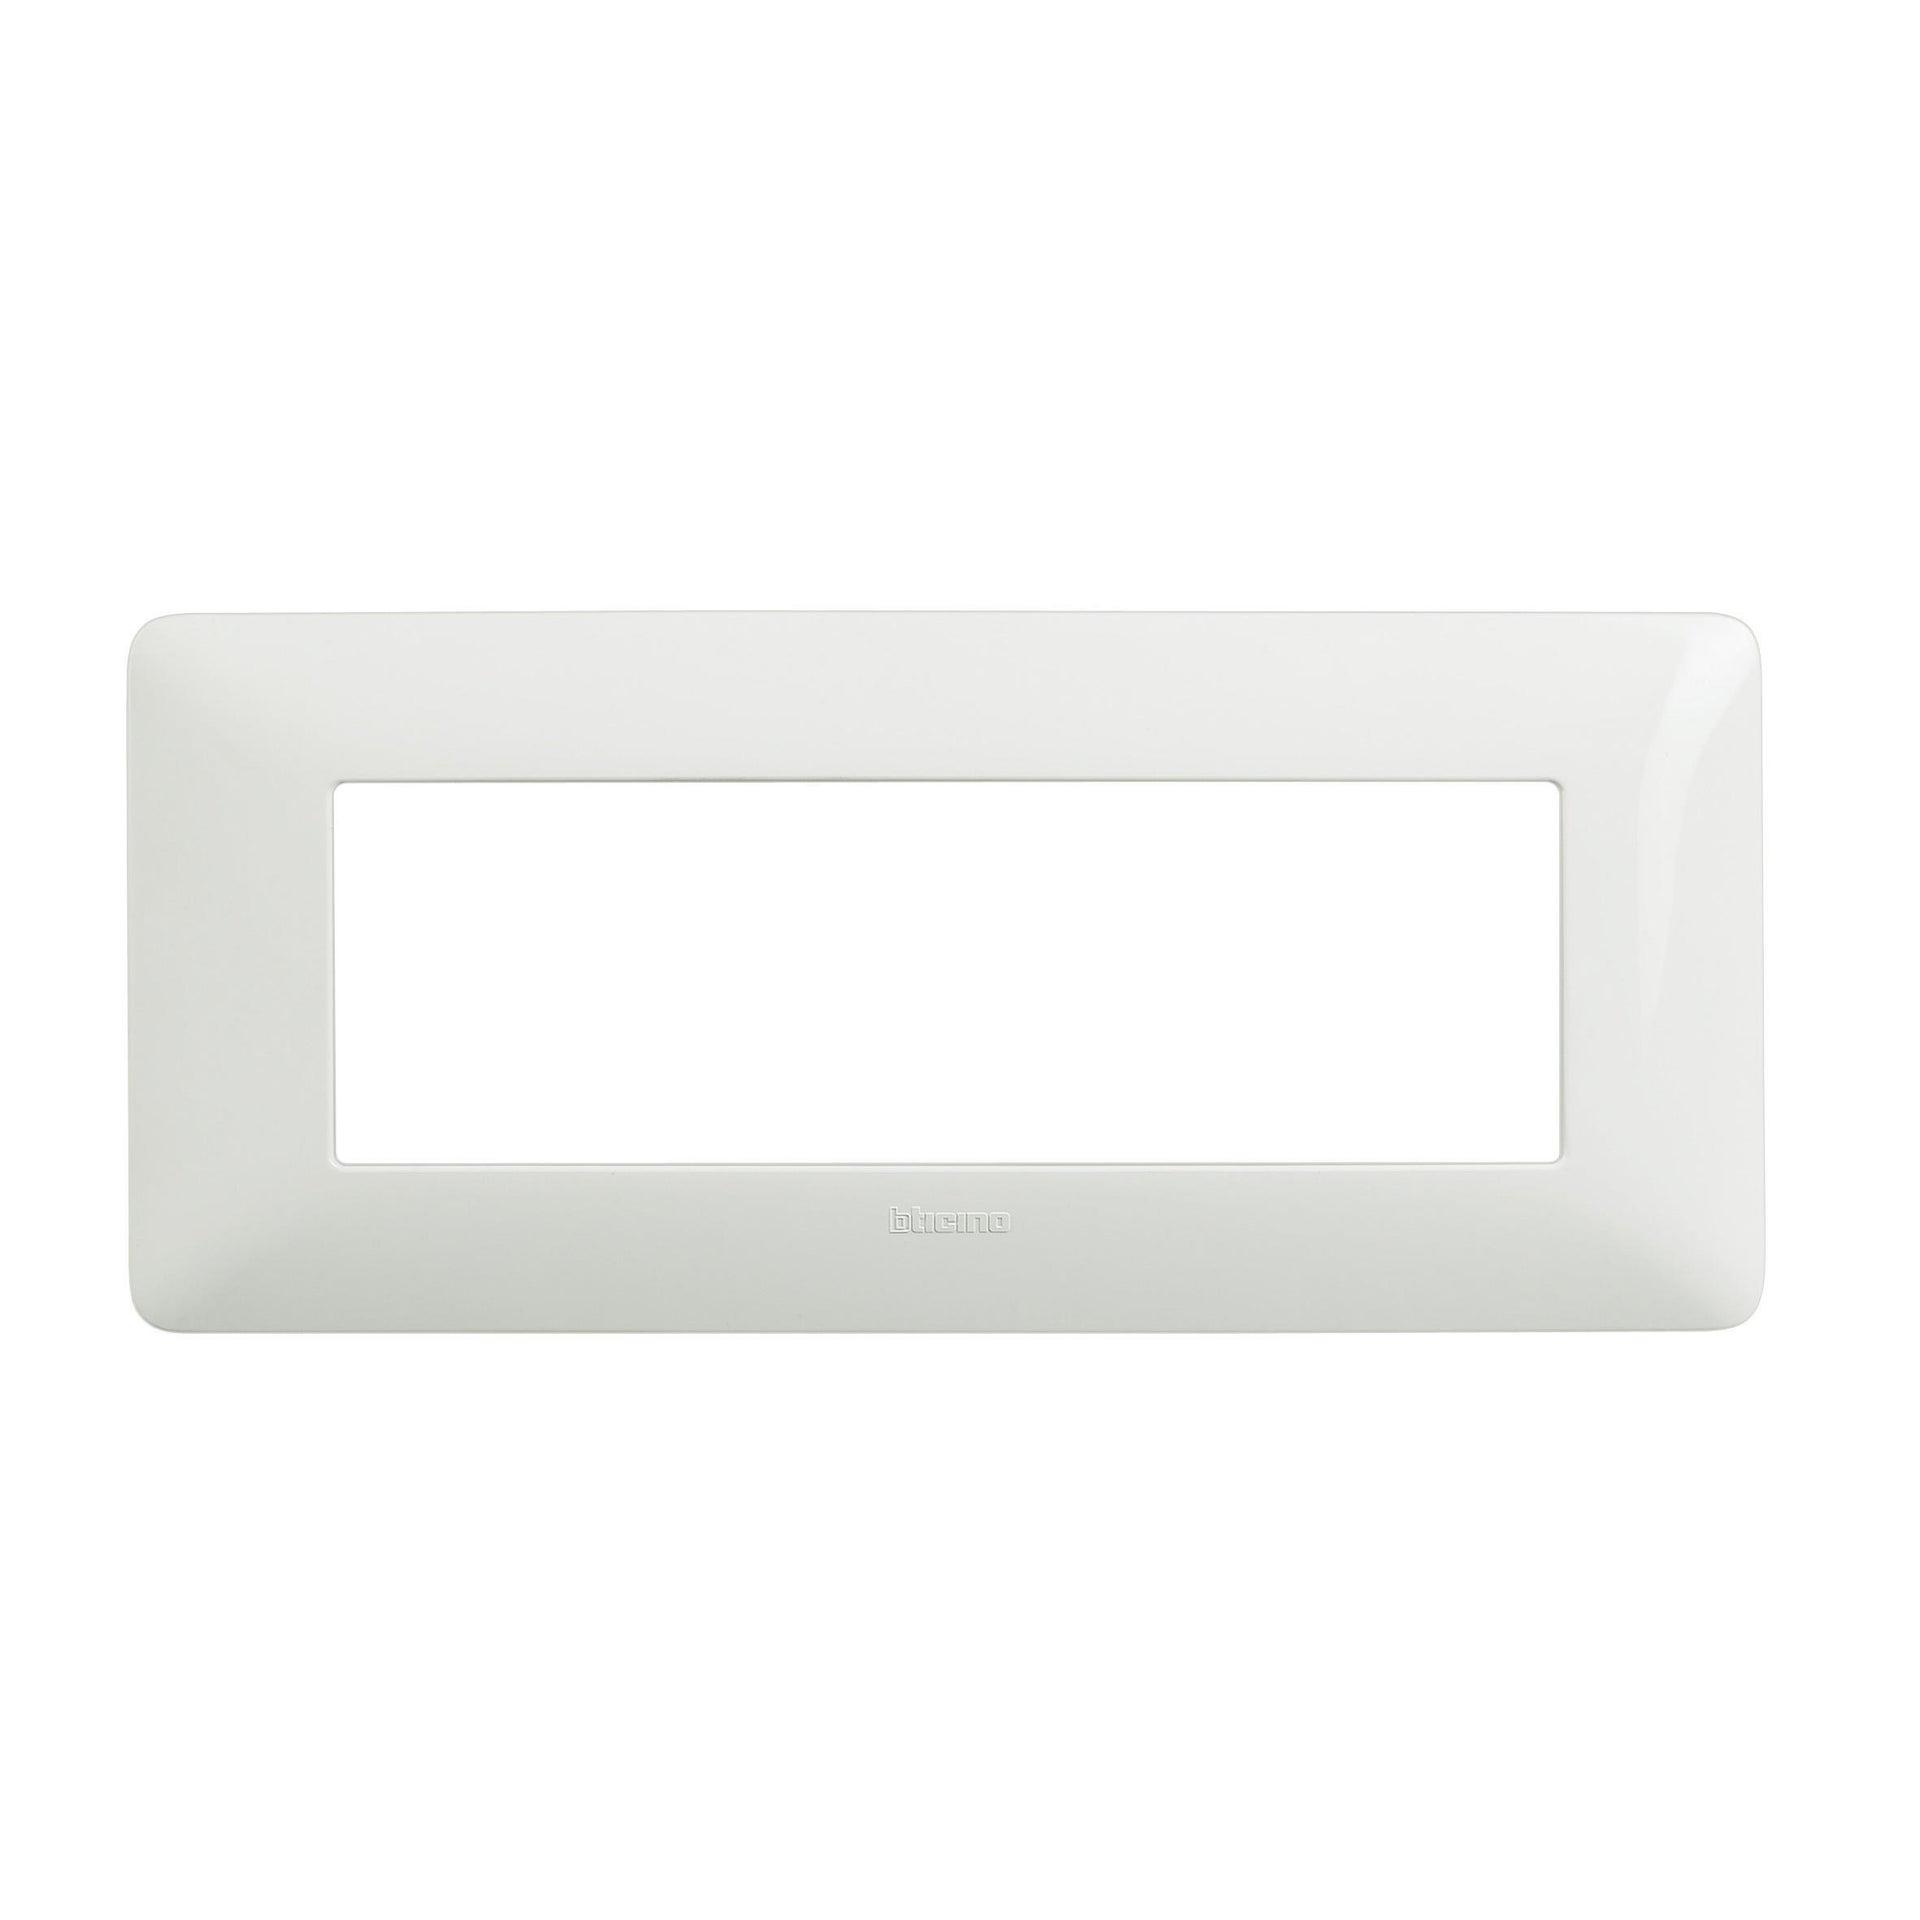 Placca Matix BTICINO 6 moduli bianco - 1